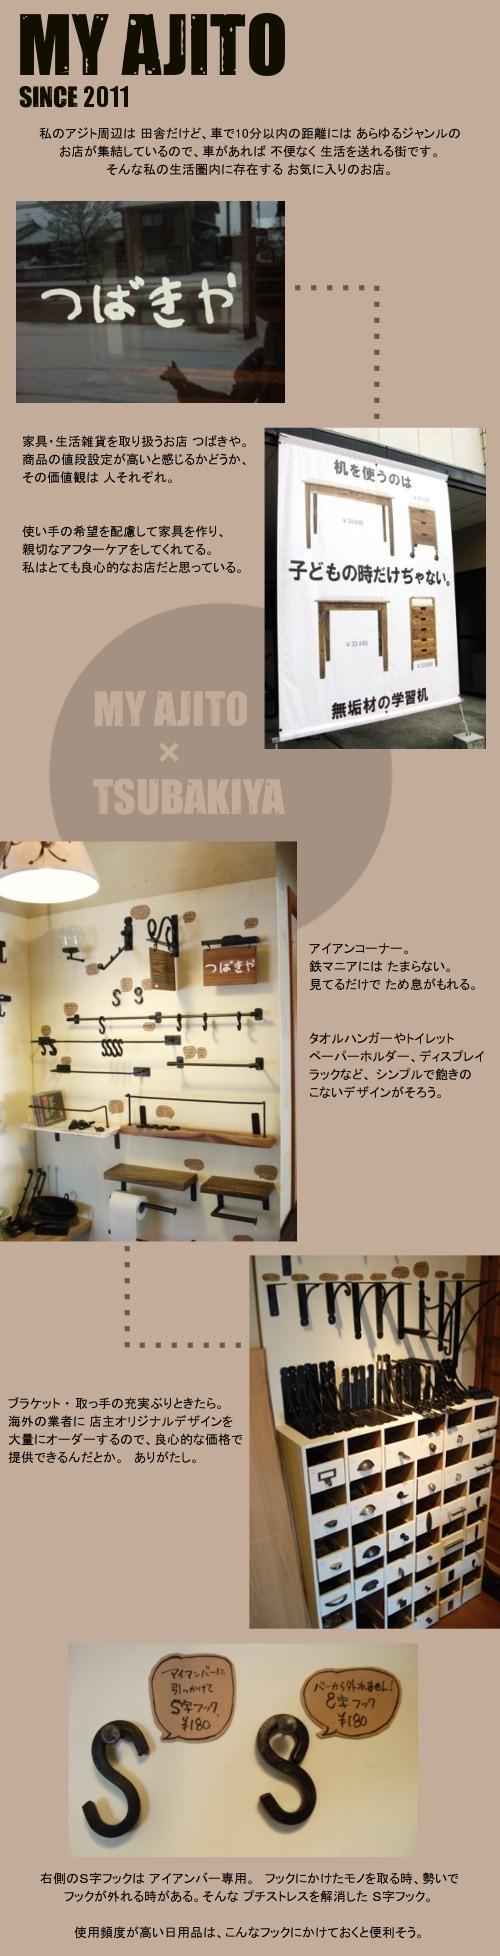 tsuba1.jpg